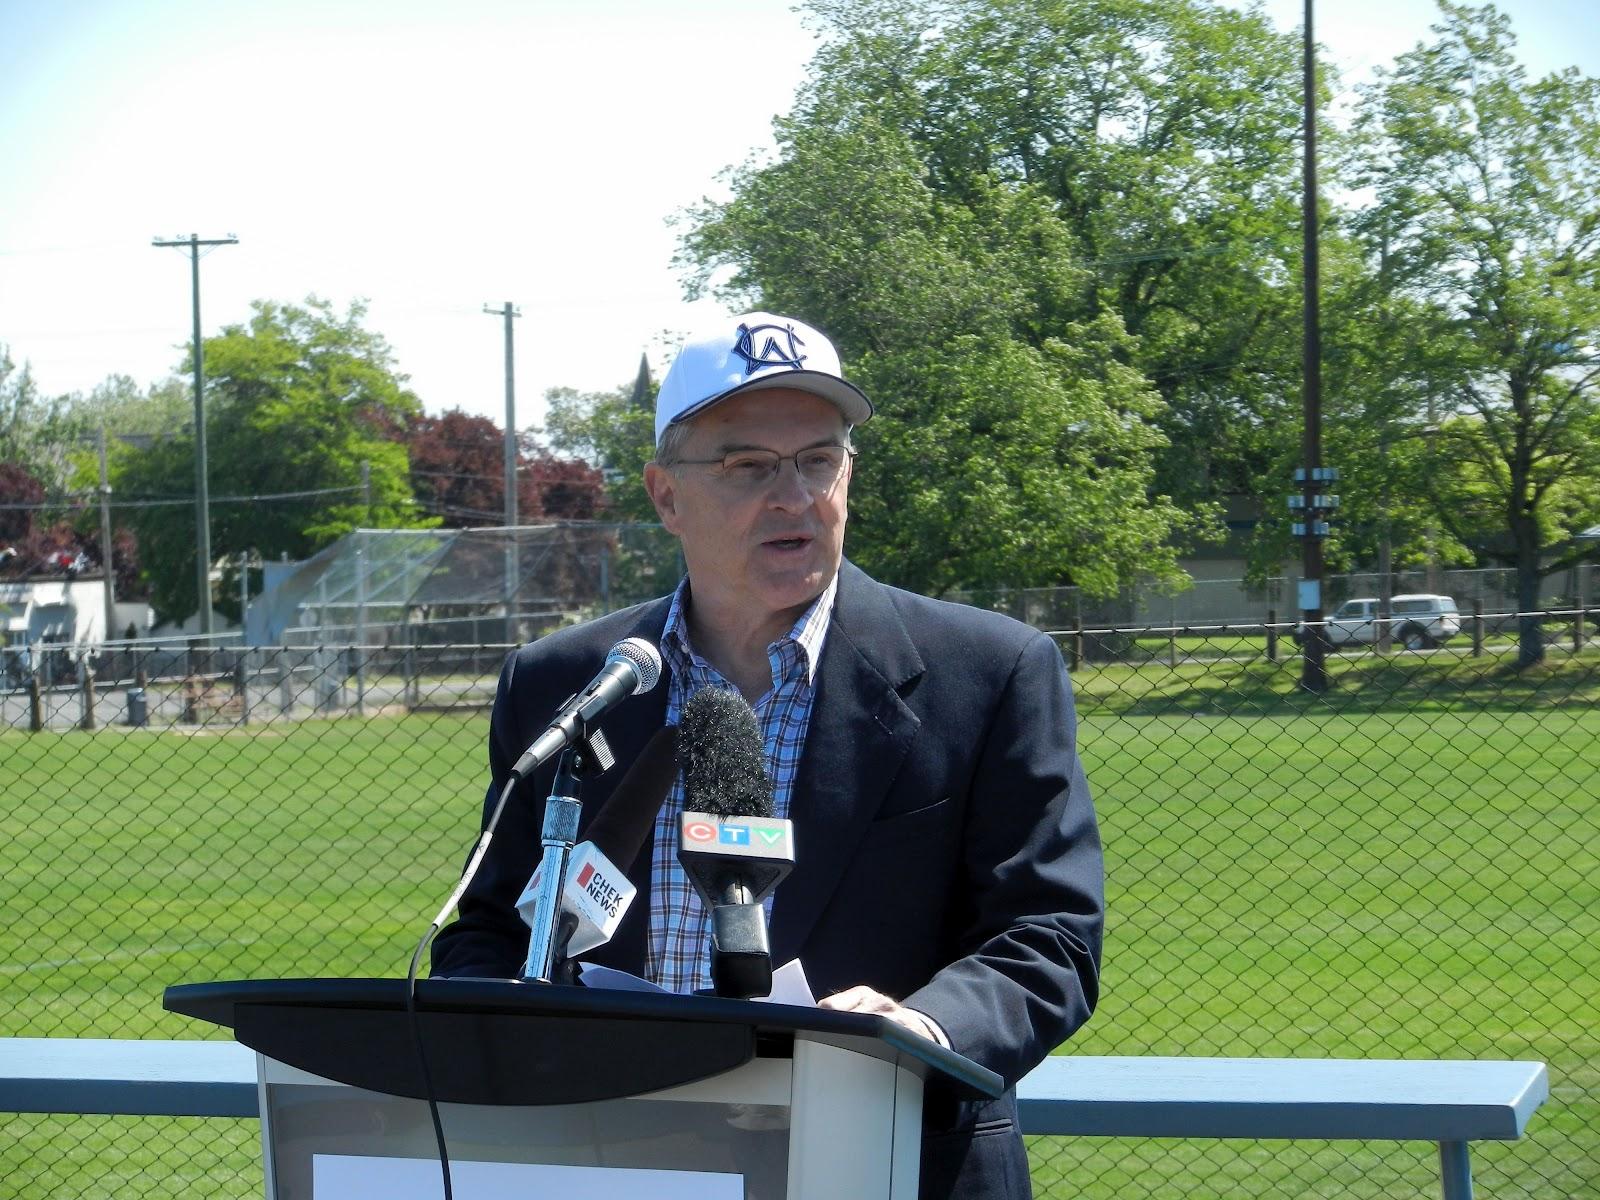 Ken Wilson (sportscaster)